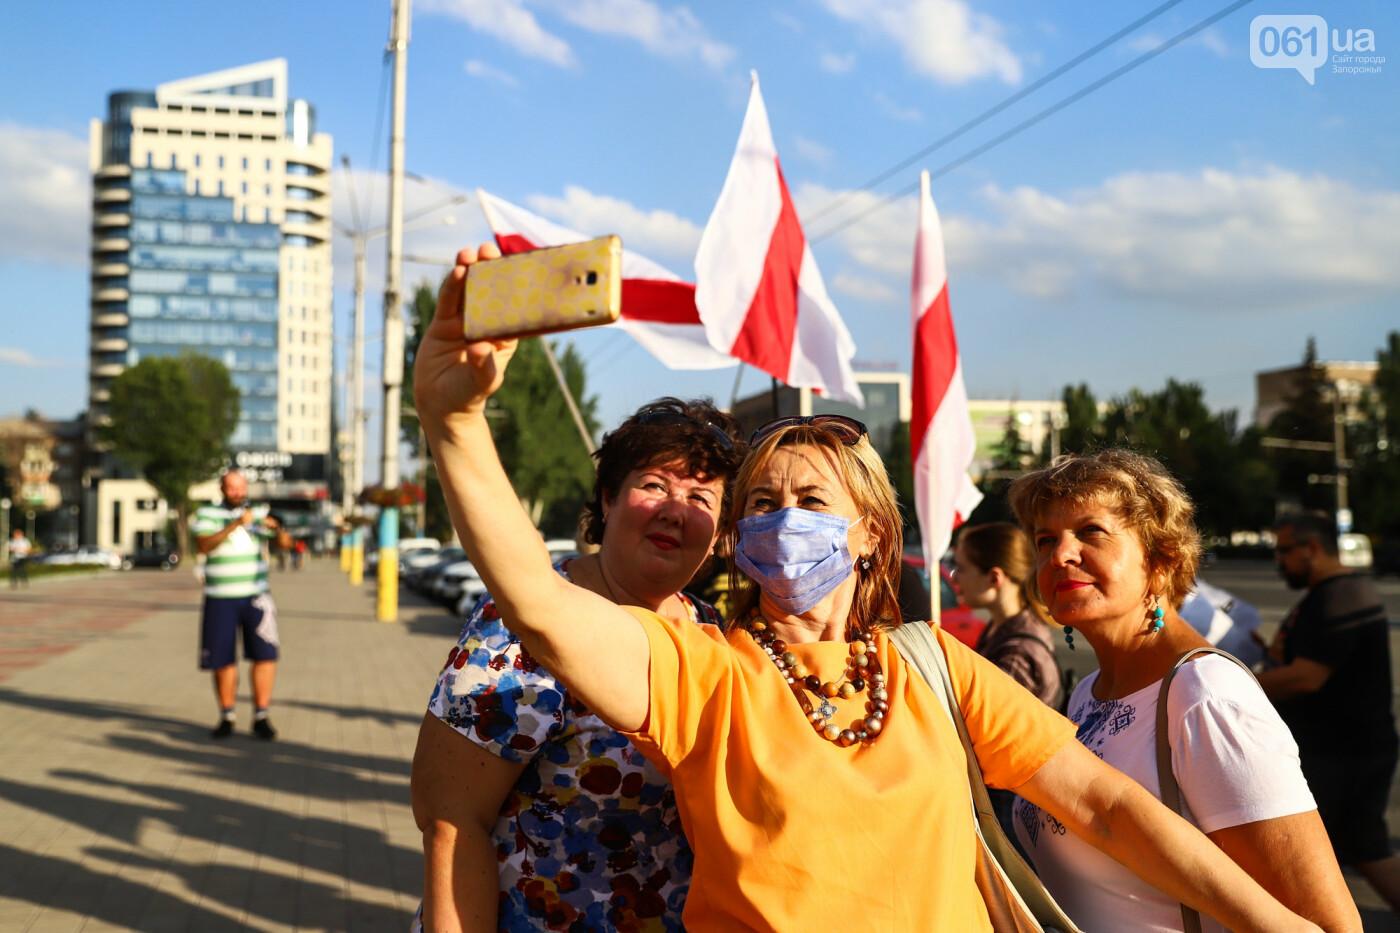 Фестивали, праздники, приезд Зеленского и ночная стройка мостов: август в фотографиях , фото-16